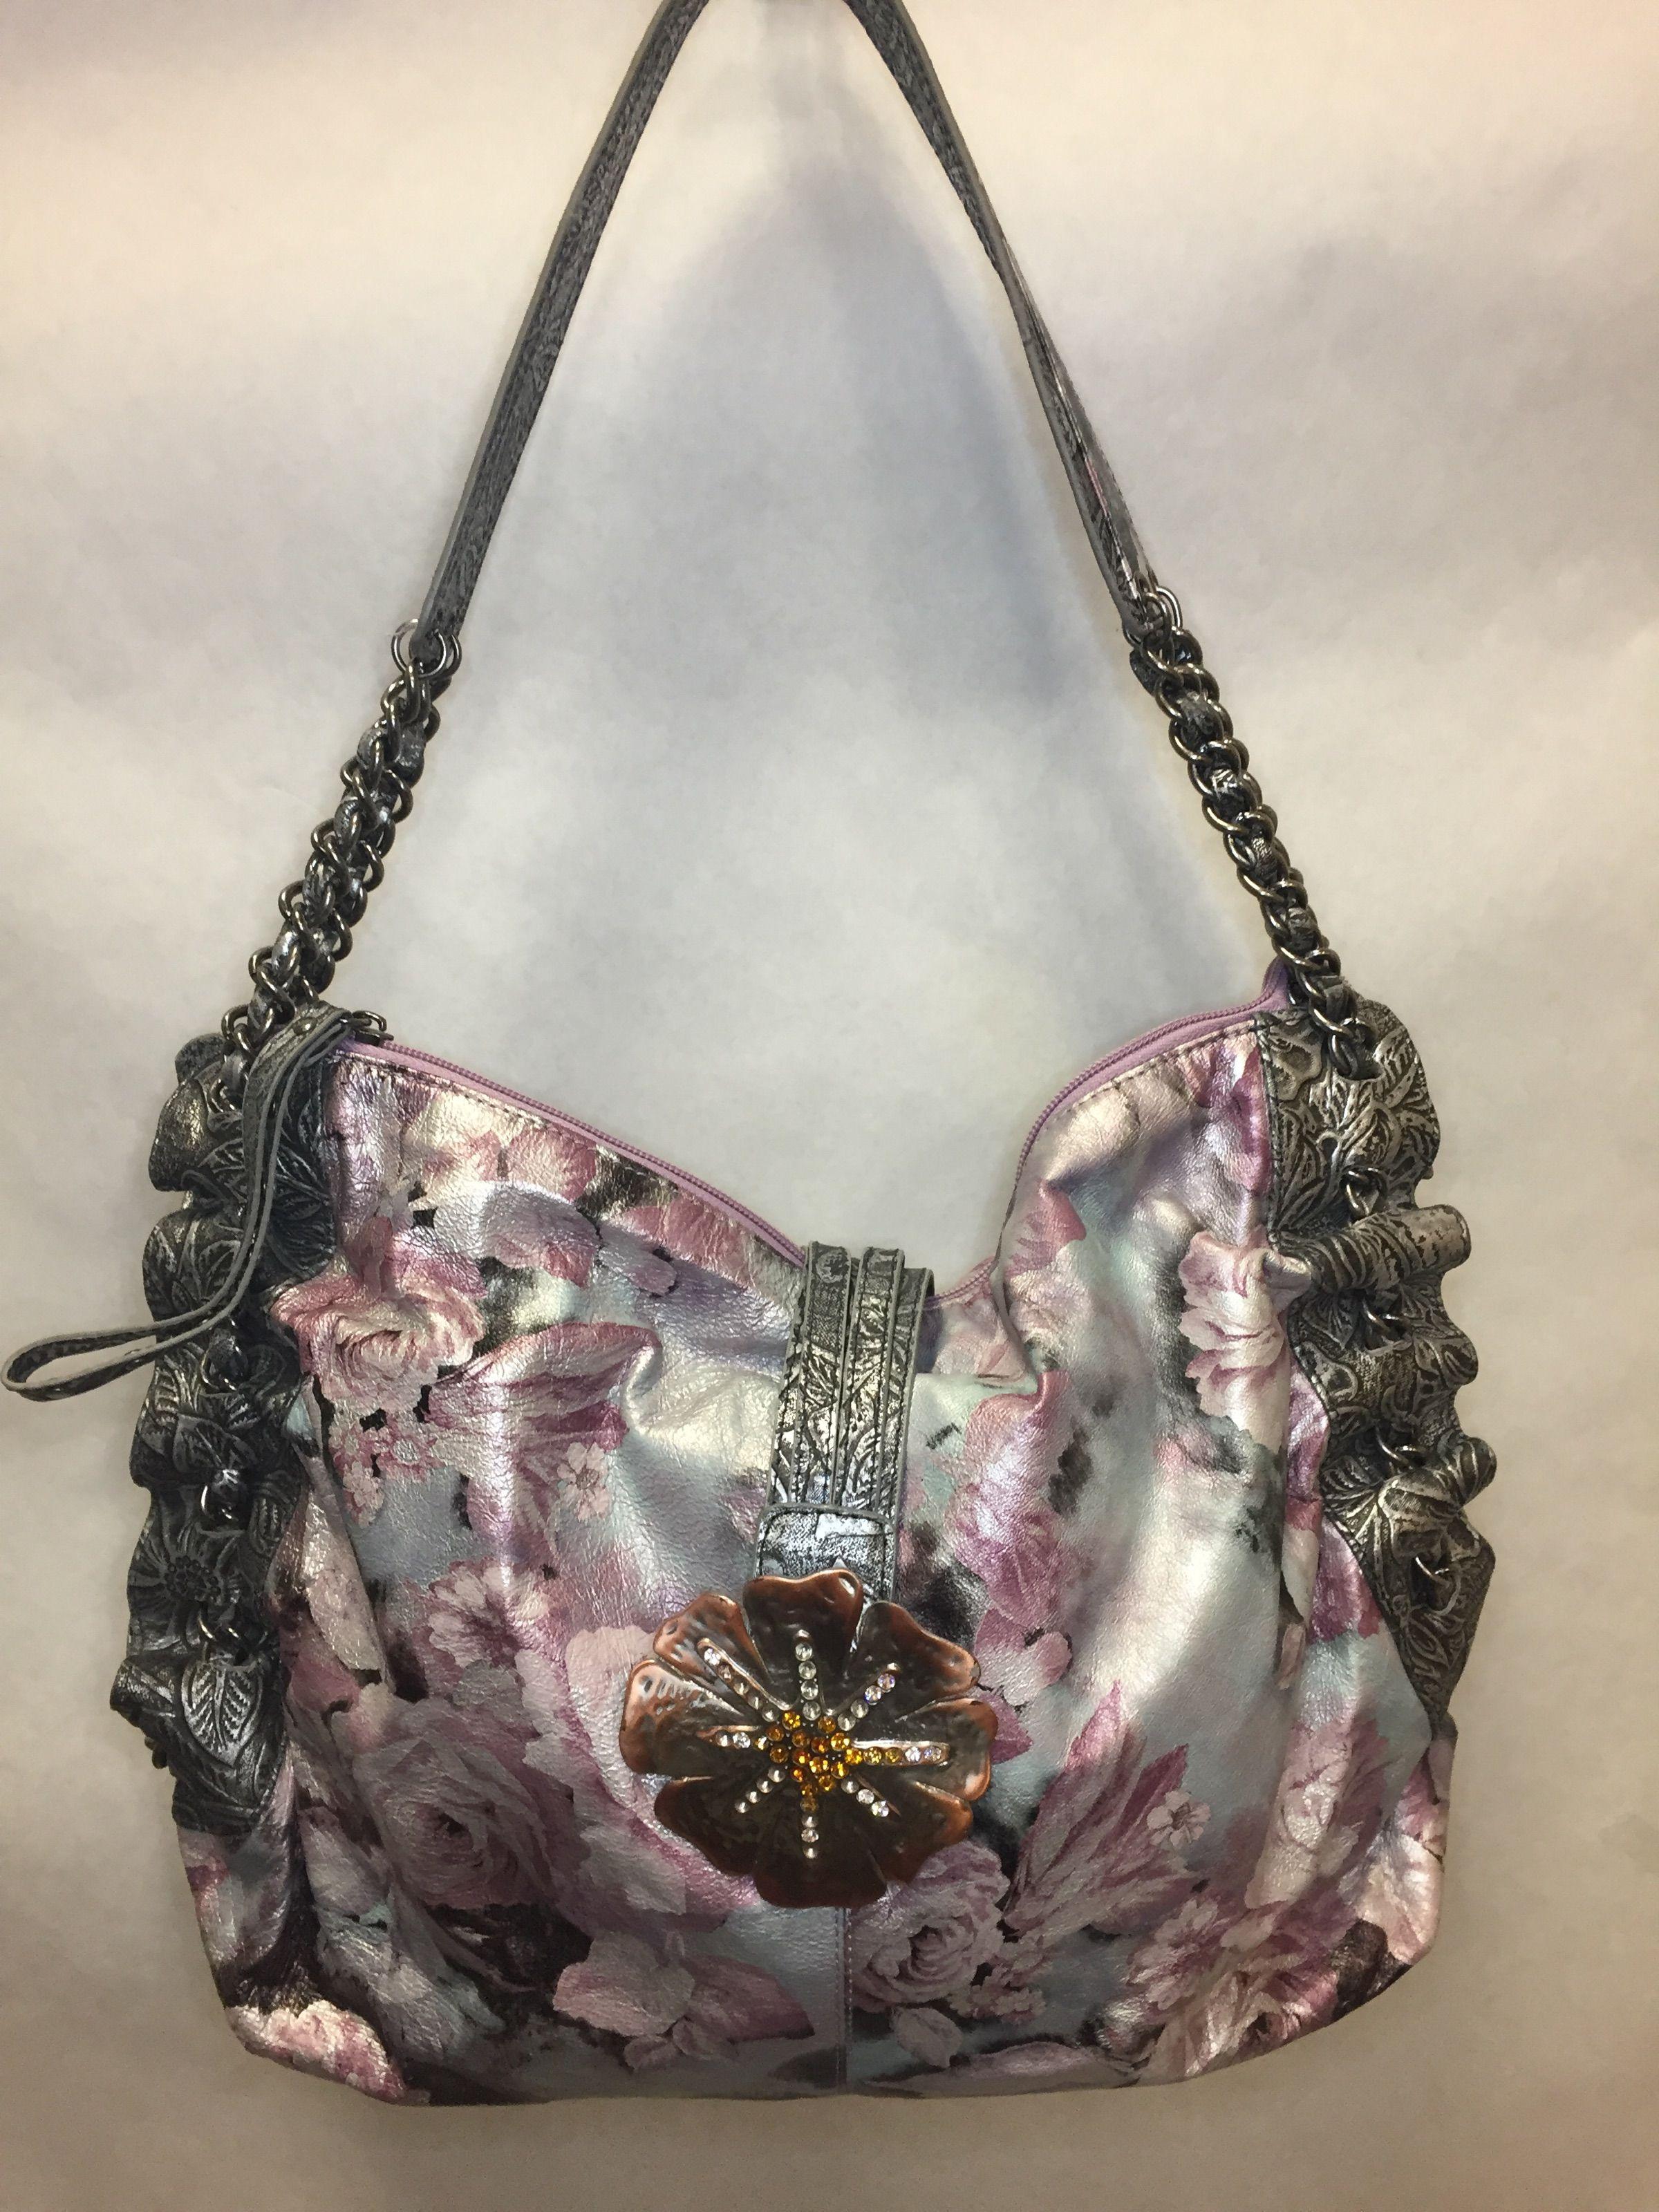 Sharif Studio Purse 49.99 Bags Beautiful